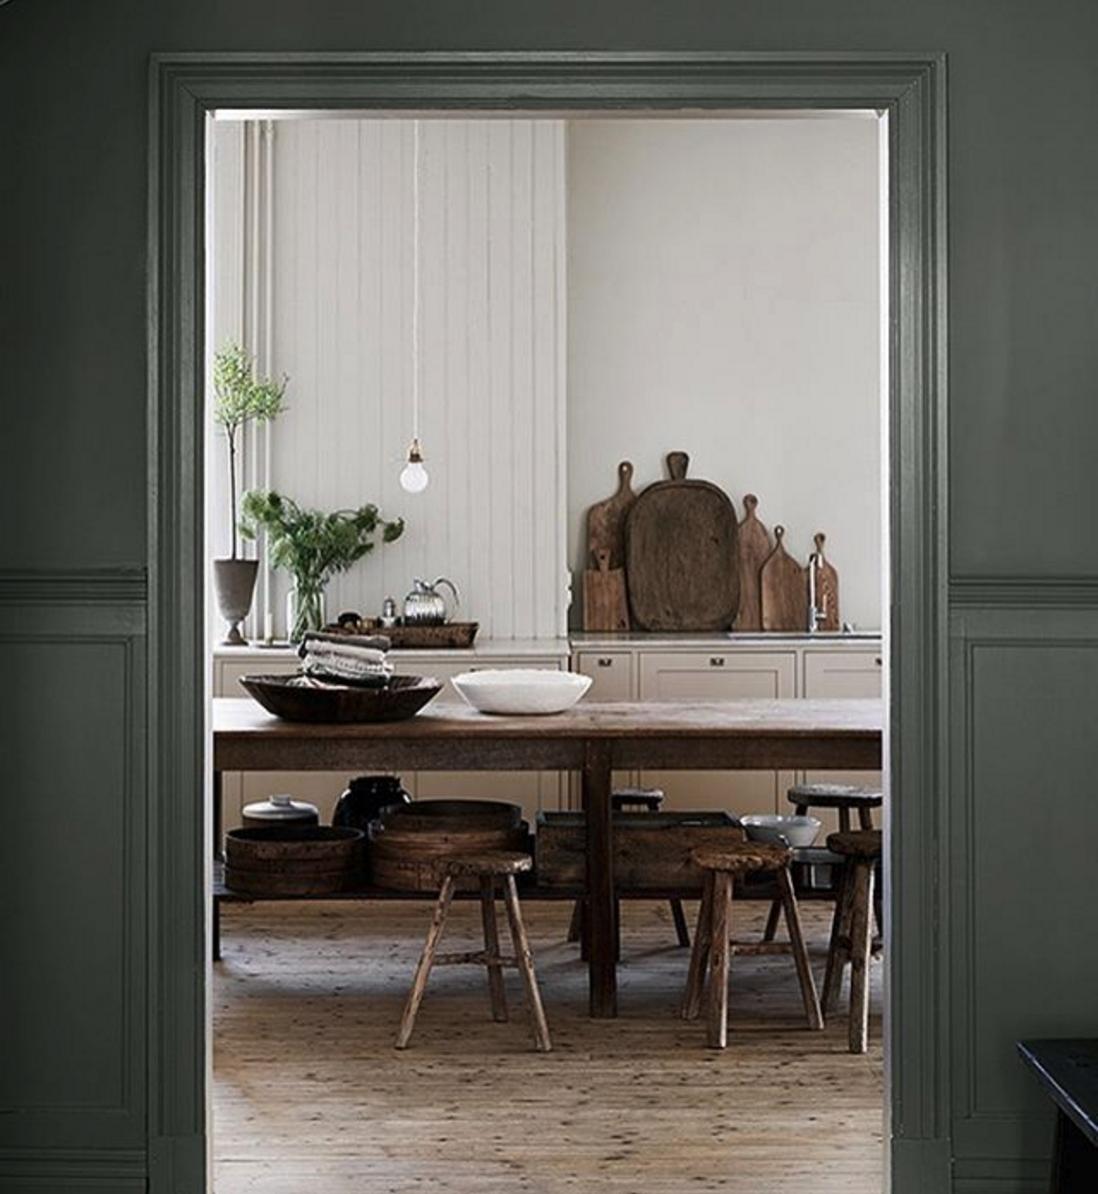 Naturfarben In Der Wohnung: Inspiration Für Einrichtung Im Esszimmer